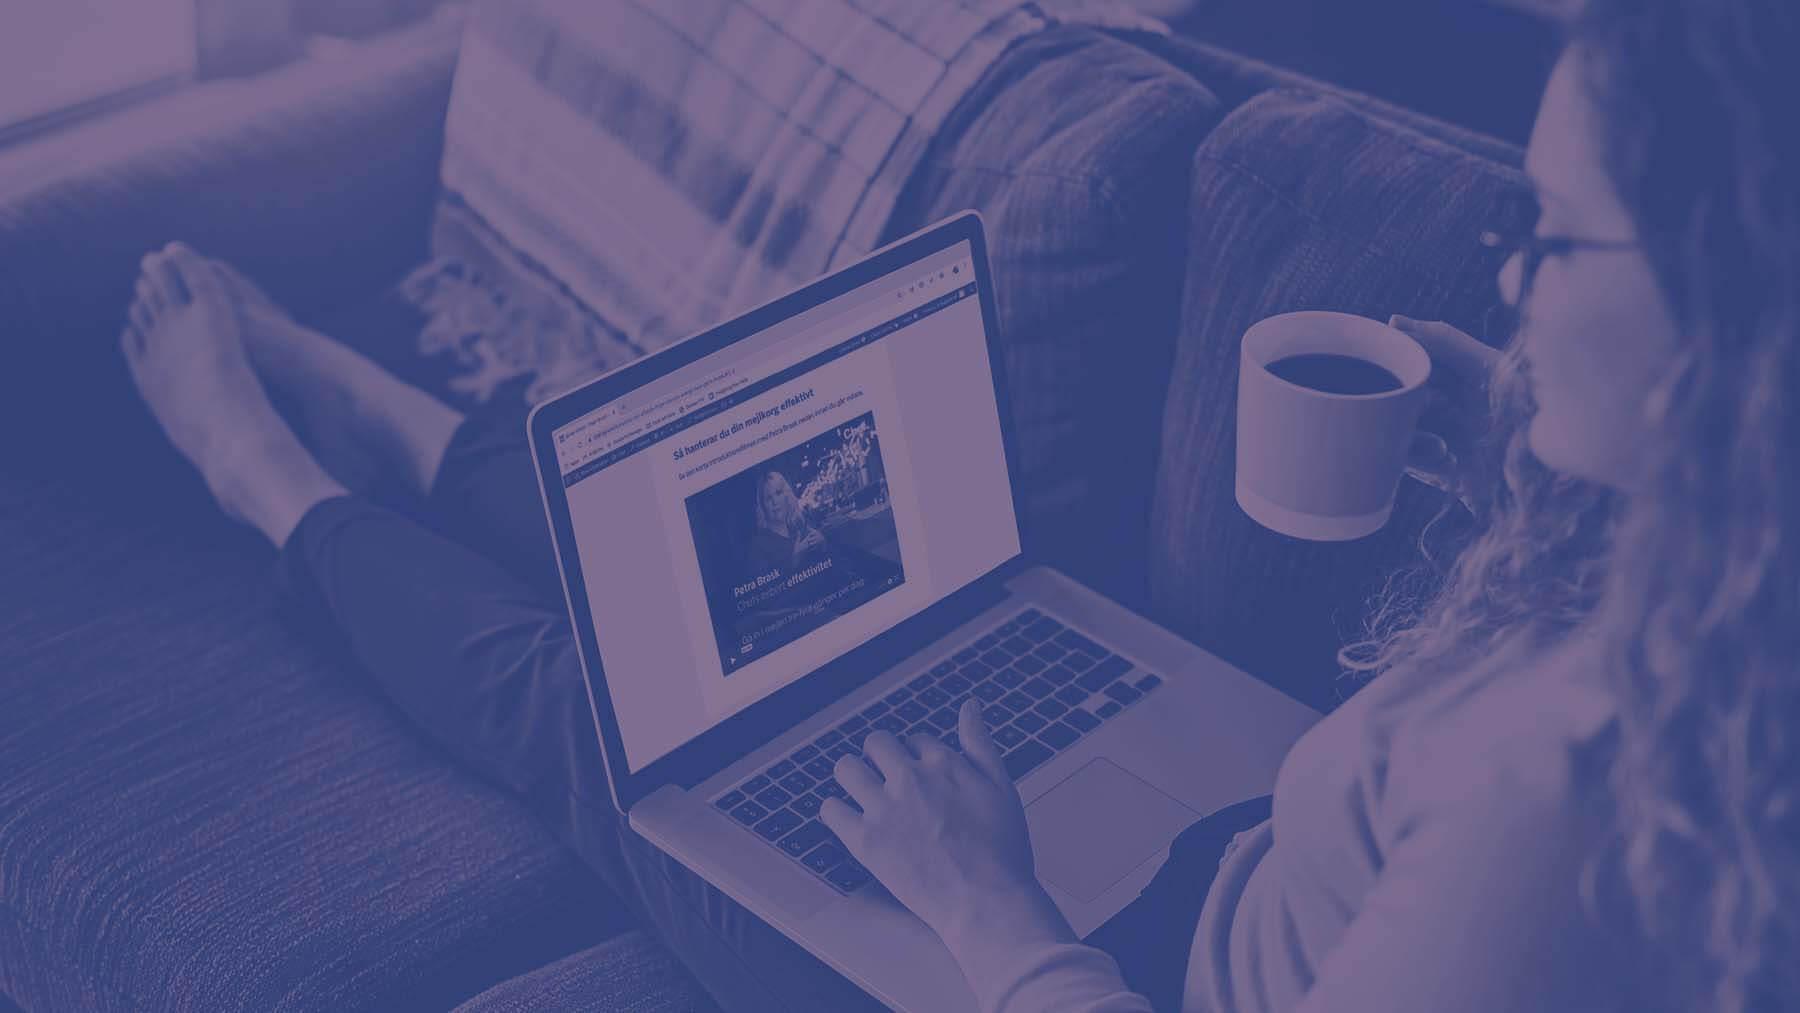 Distanskurser och digitala utbildningar från Chefakademin